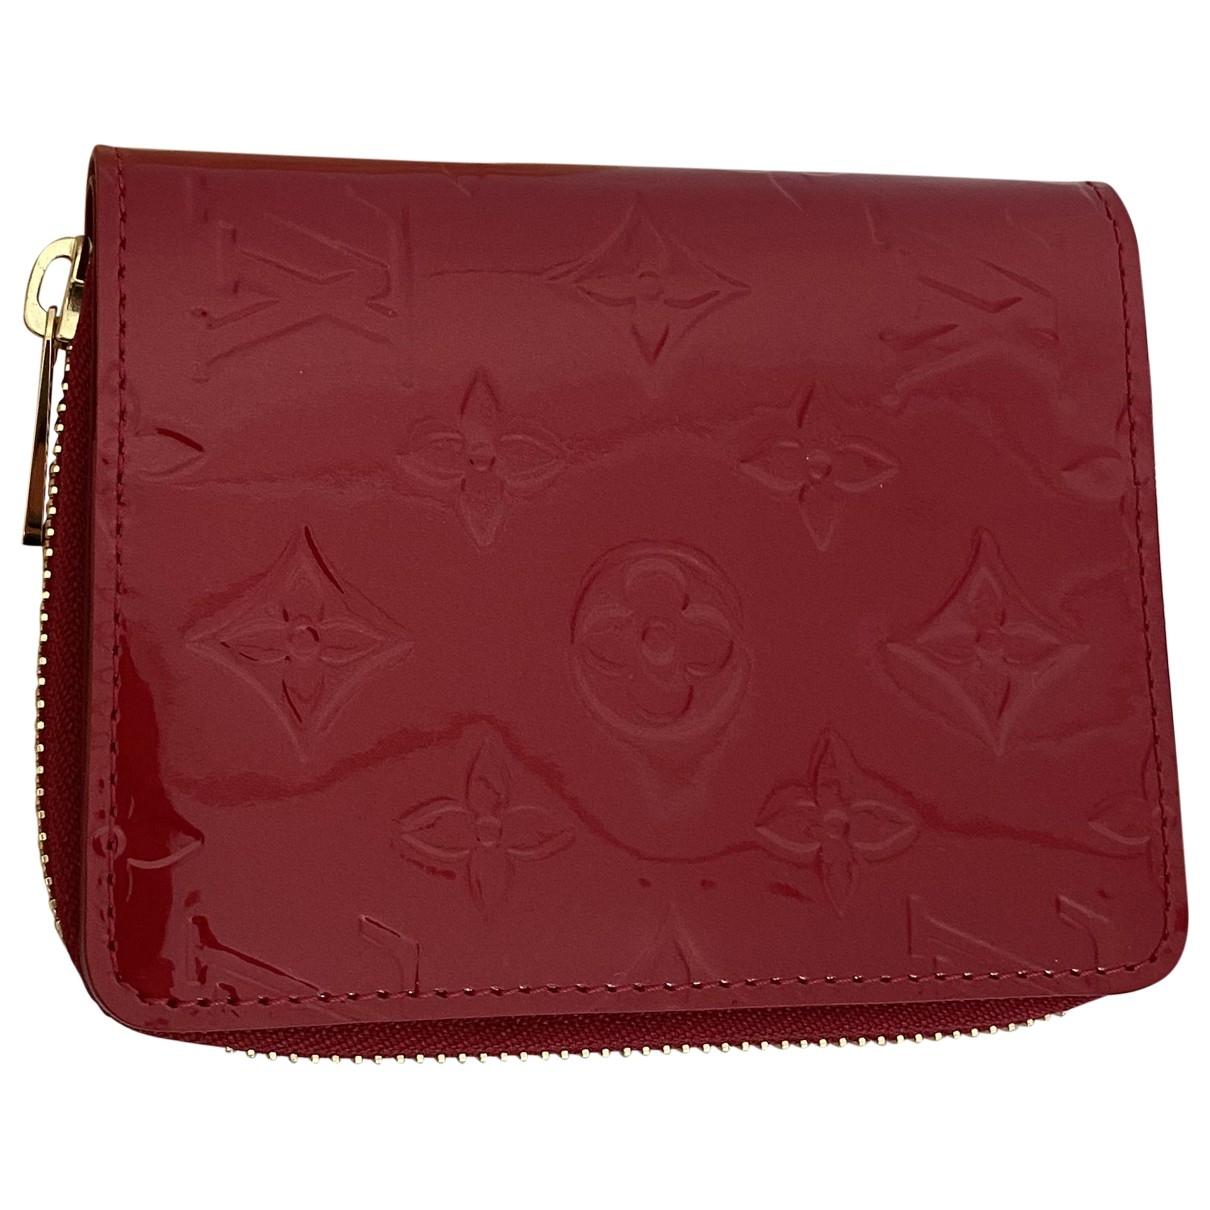 Louis Vuitton \N Kleinlederwaren in  Rot Lackleder